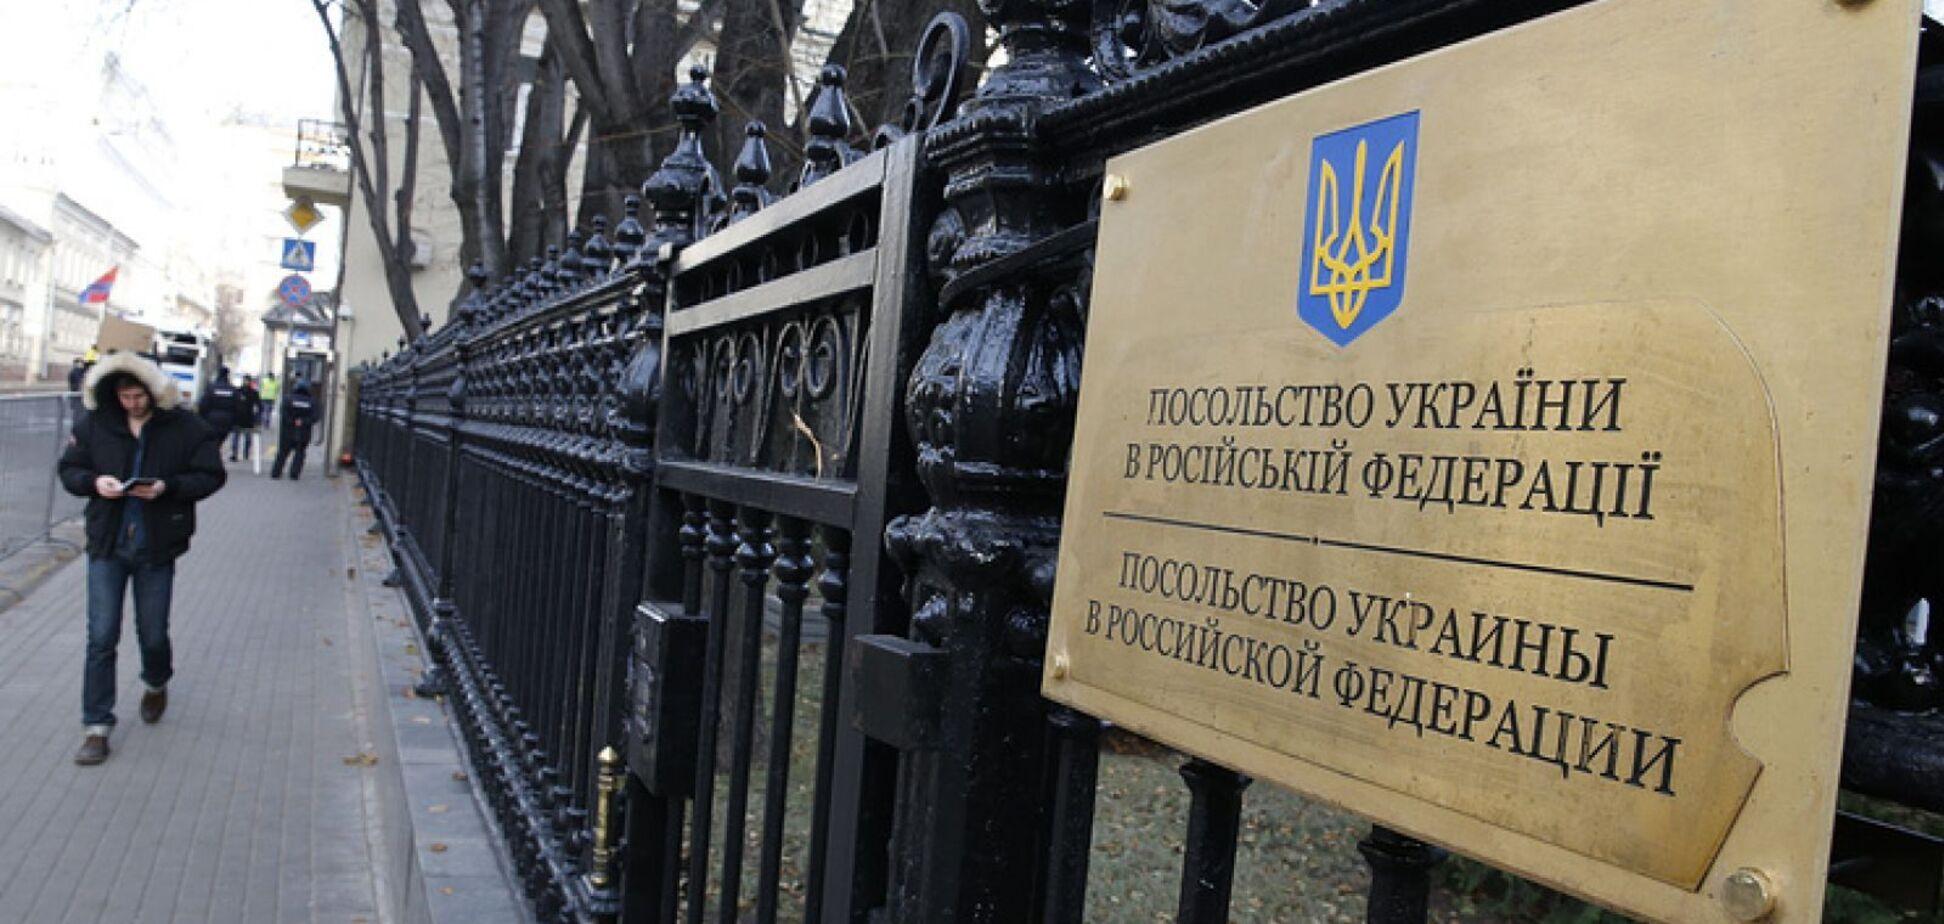 Кремль оголосив персоною нон ґрата співробітника посольства України: Київ підготував свою відповідь